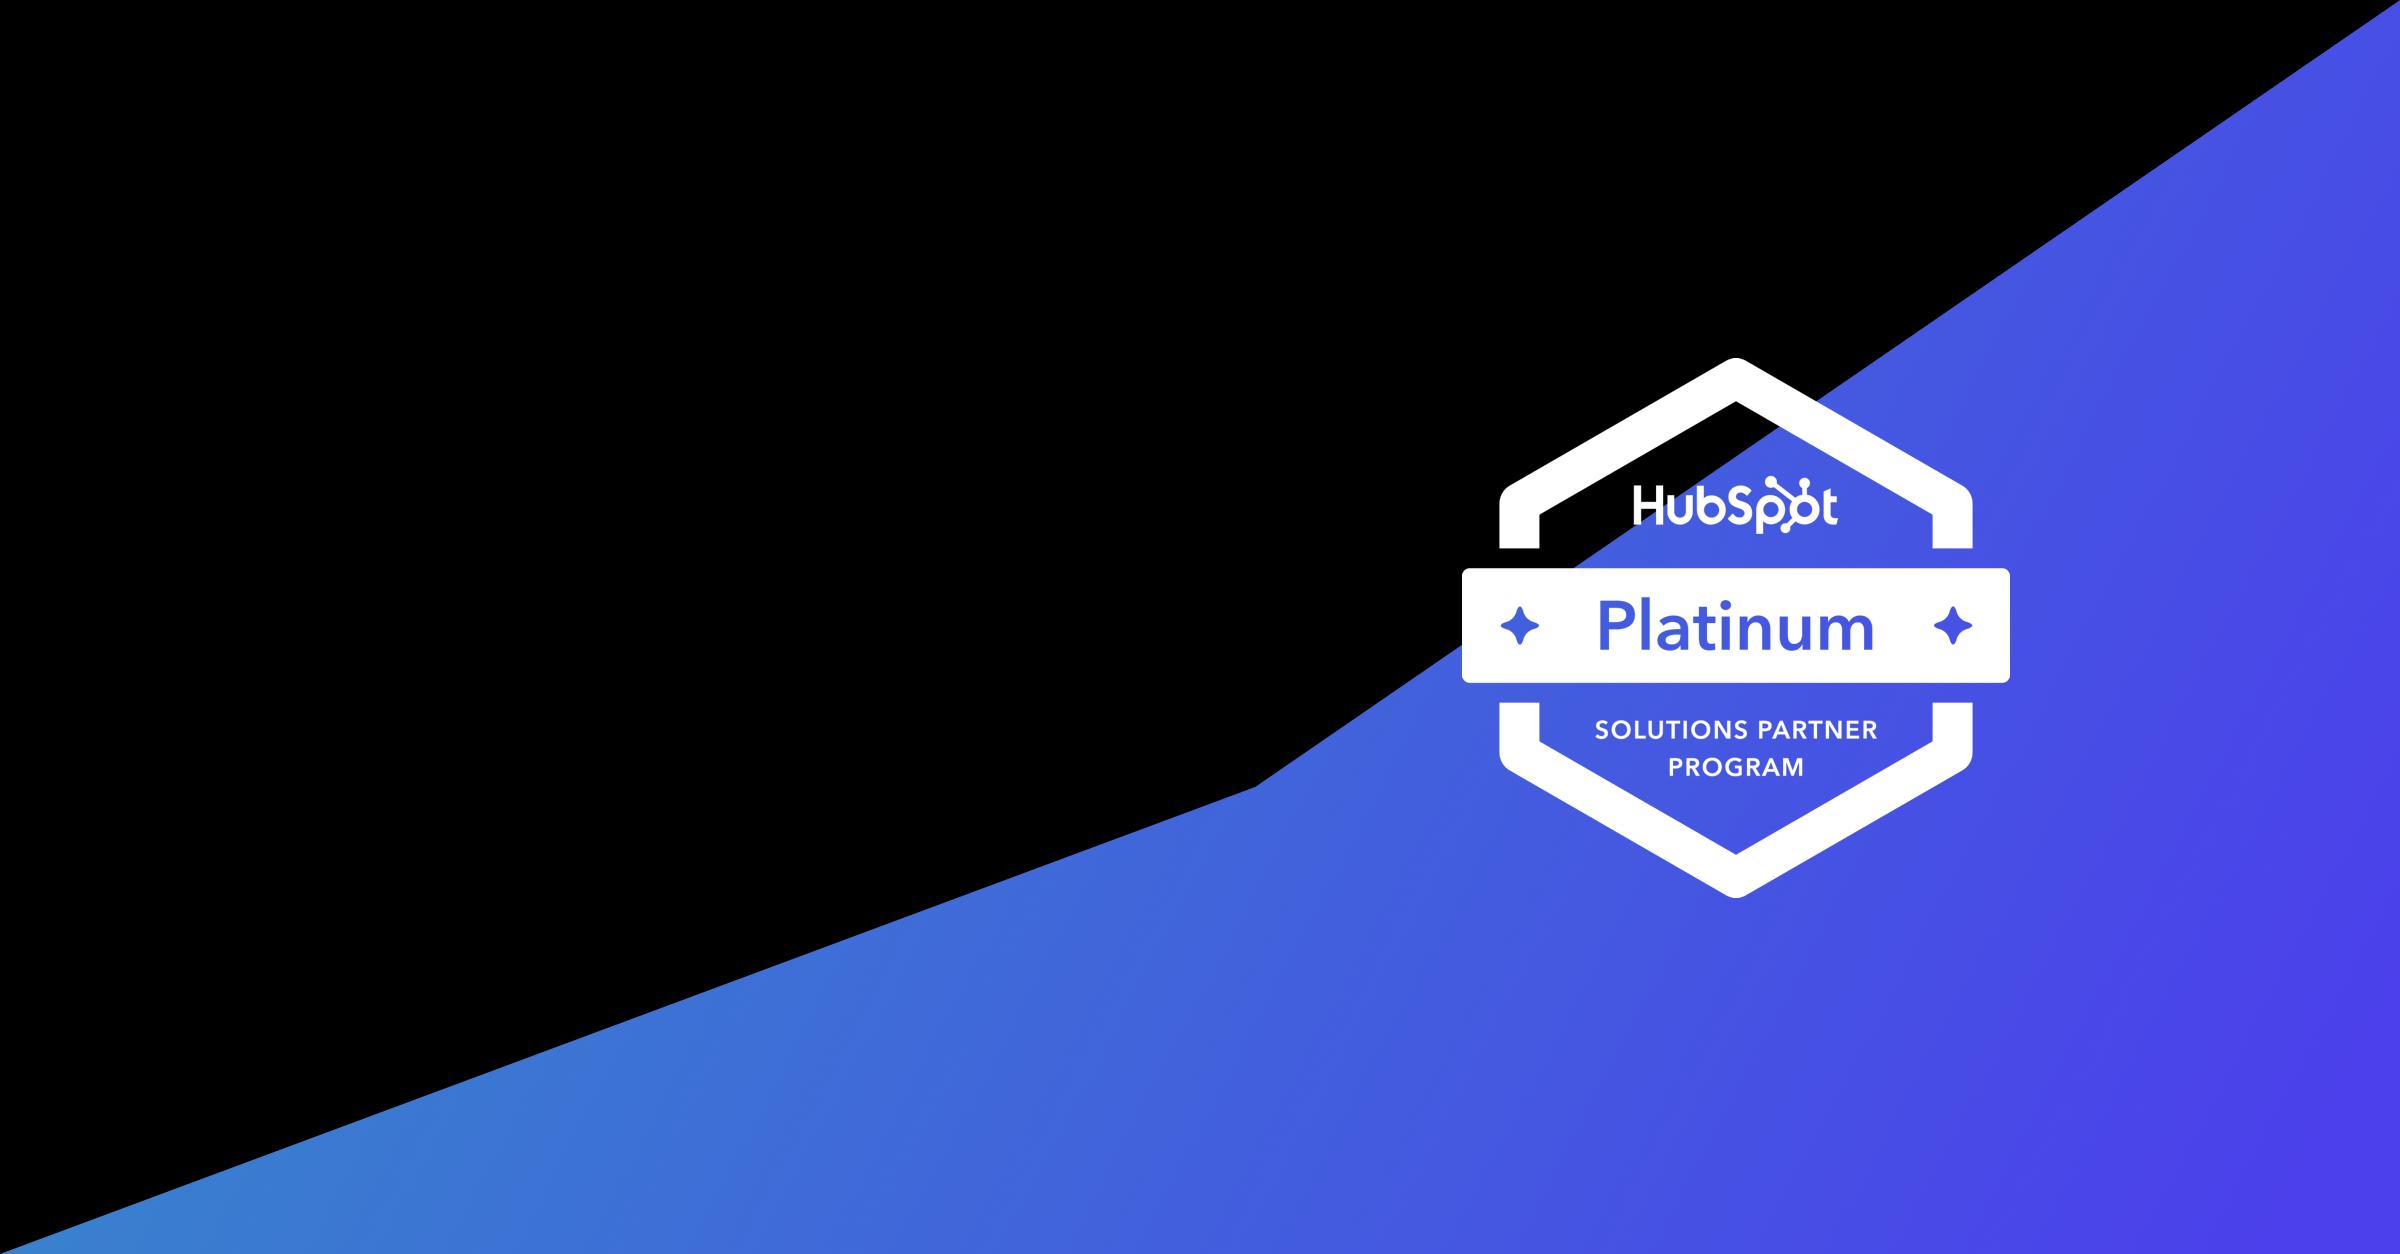 Webbstrategerna utsedd till Platinum-partner till världsledande HubSpot